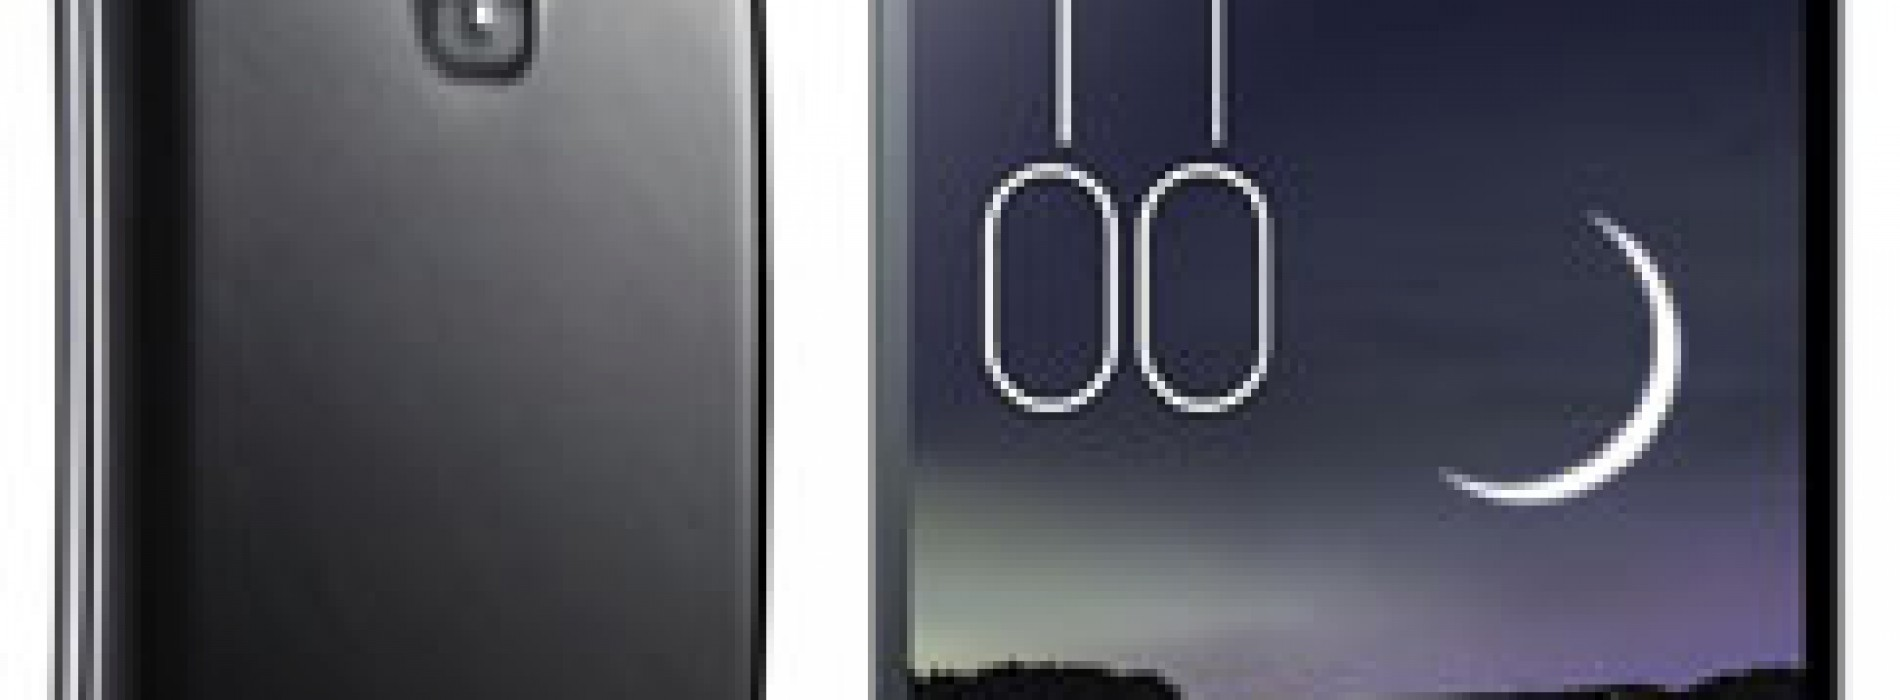 G Flex primer Smartphone curvo que reta al mundo cuadrado